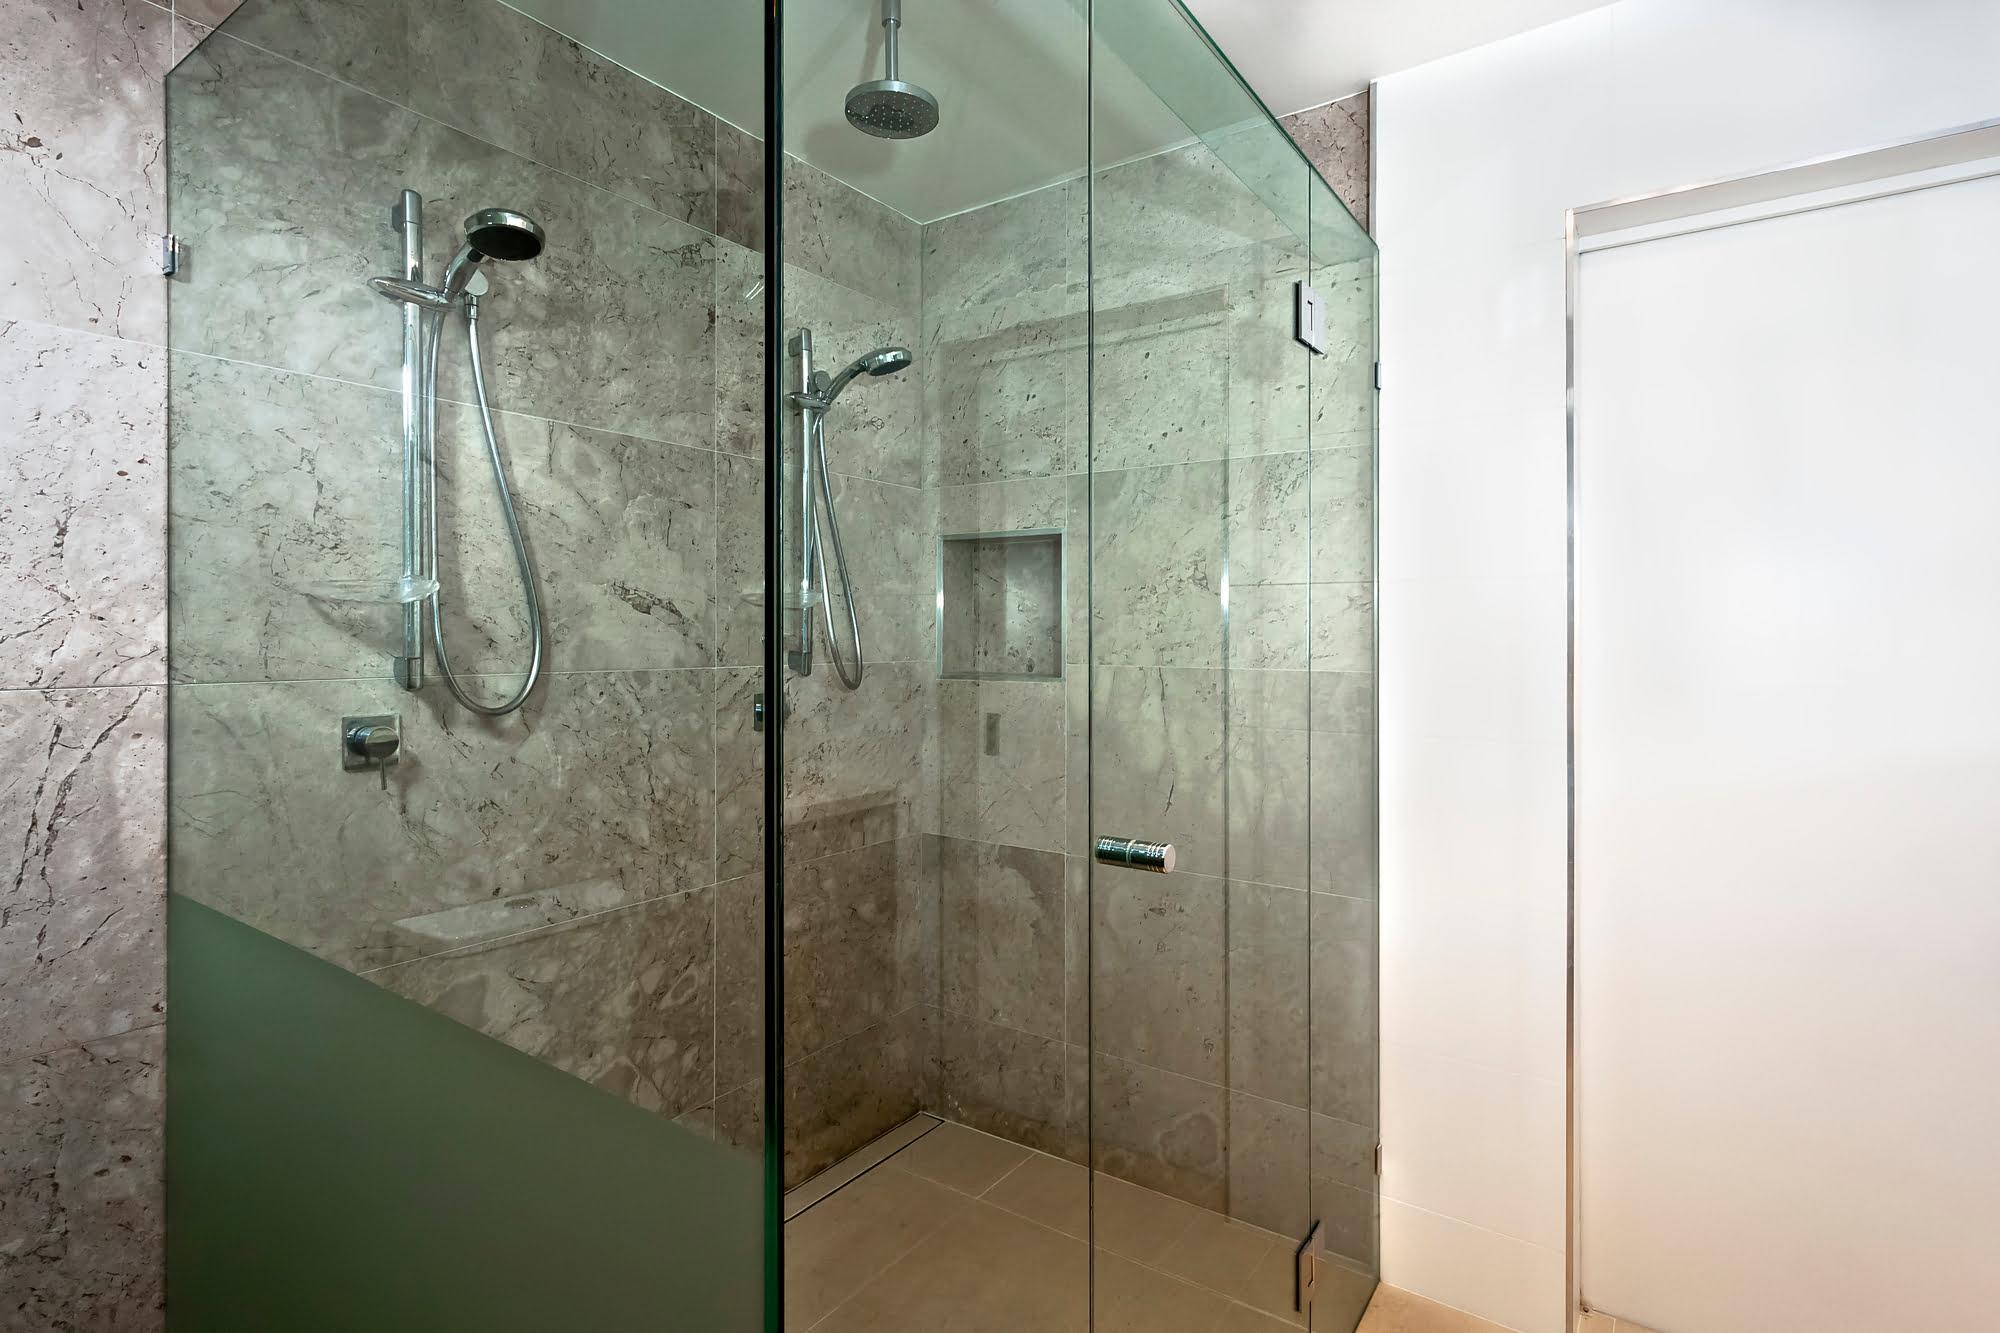 חשוב בעת החלפת אמבטיה למקלחון